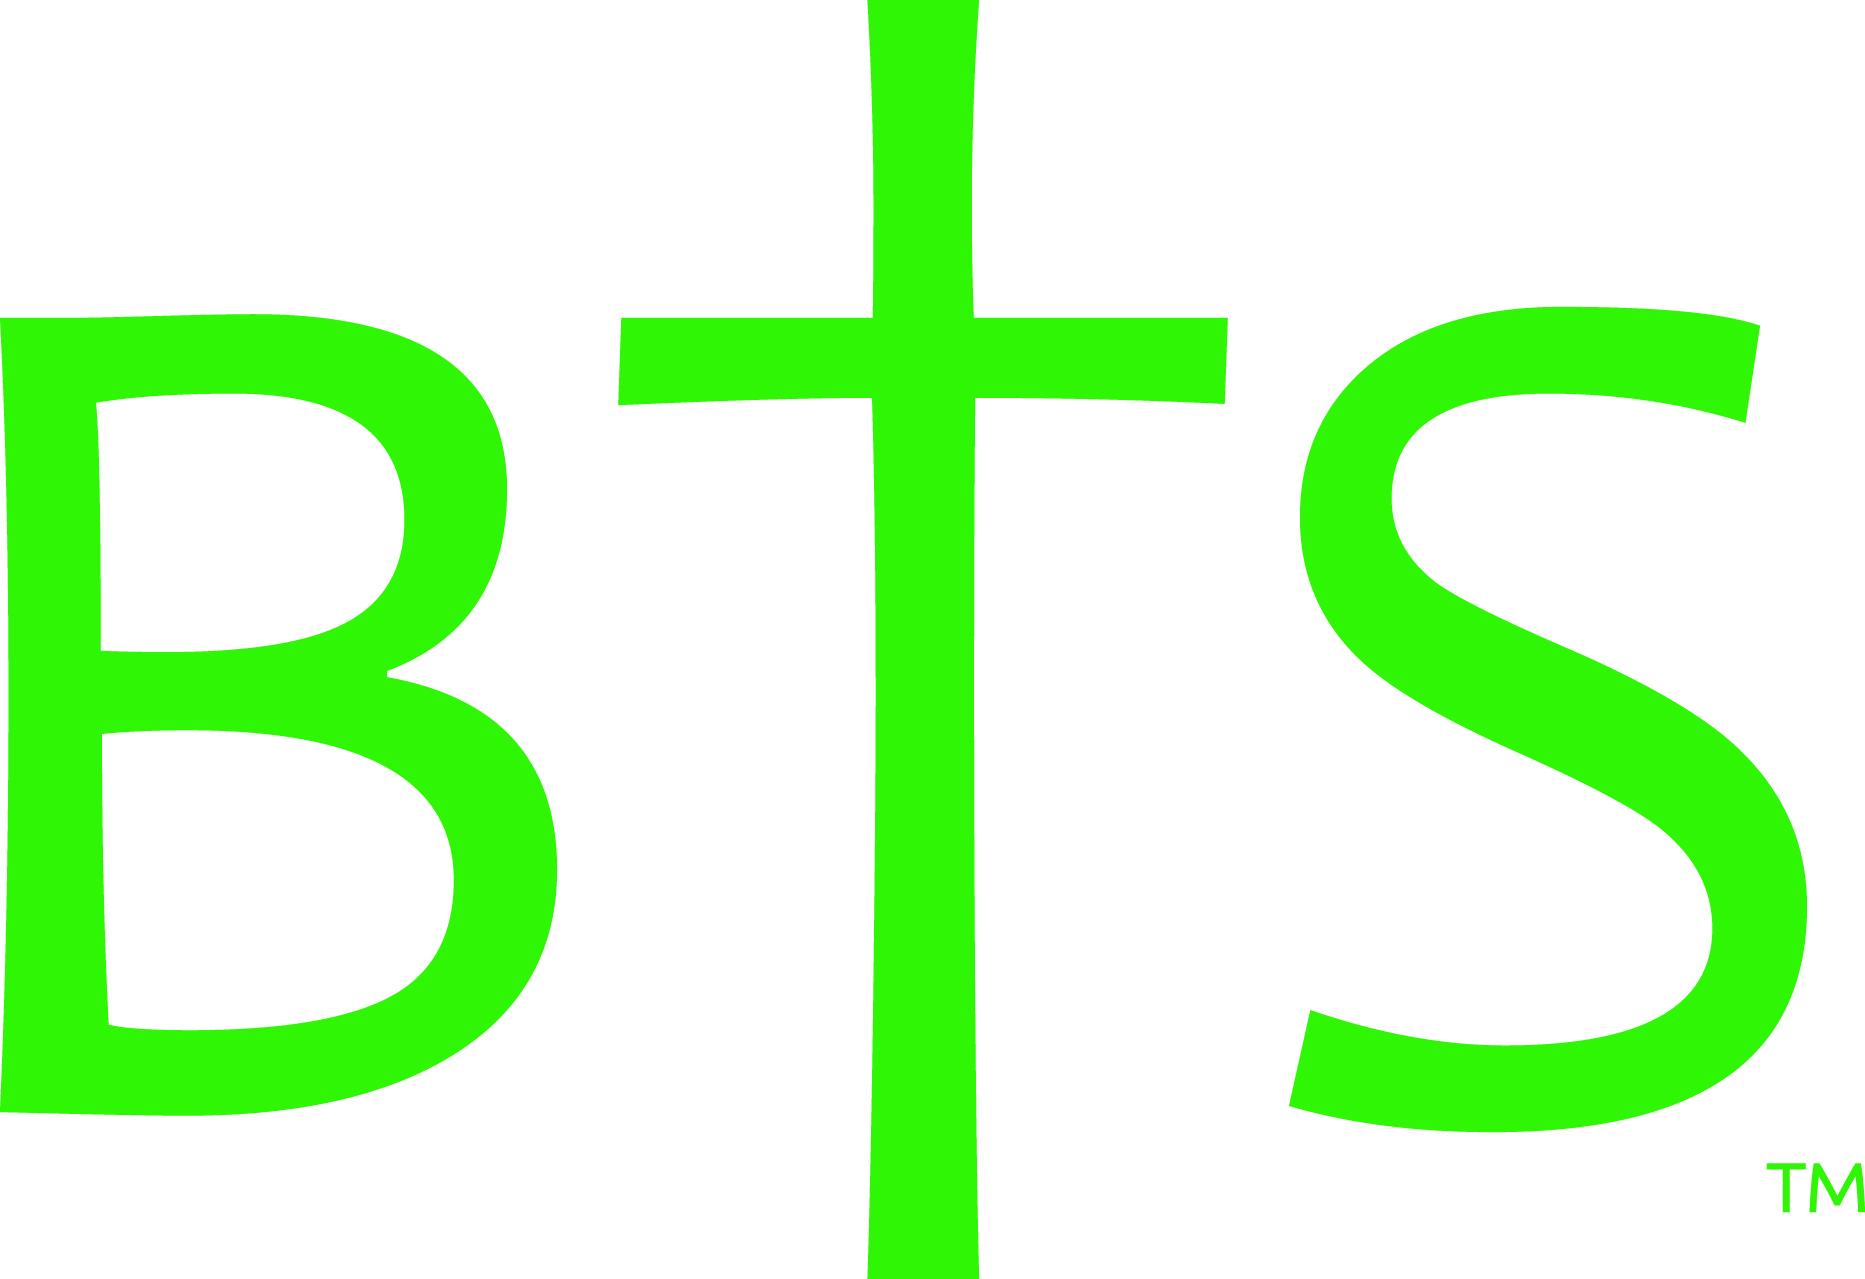 bts_0817_l_bts_green.jpg